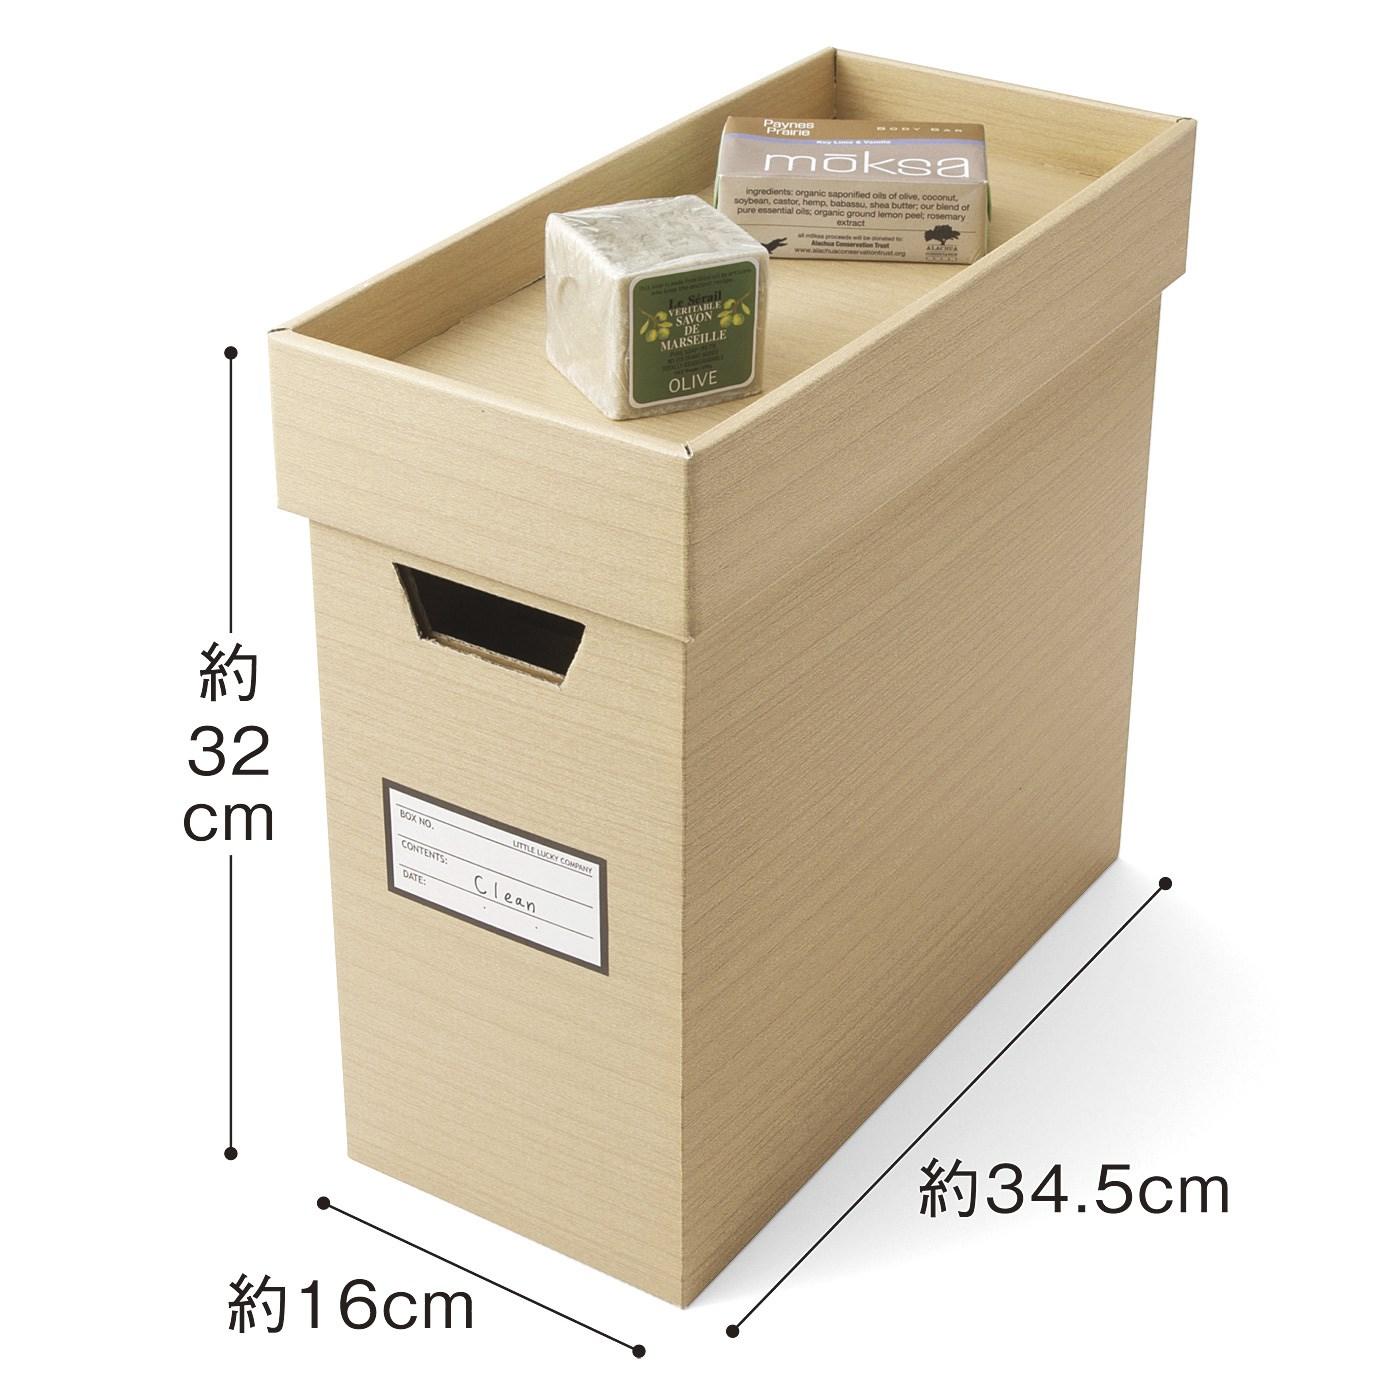 ふたはトレイも兼ねているので、ボックス上の空間も有効利用。